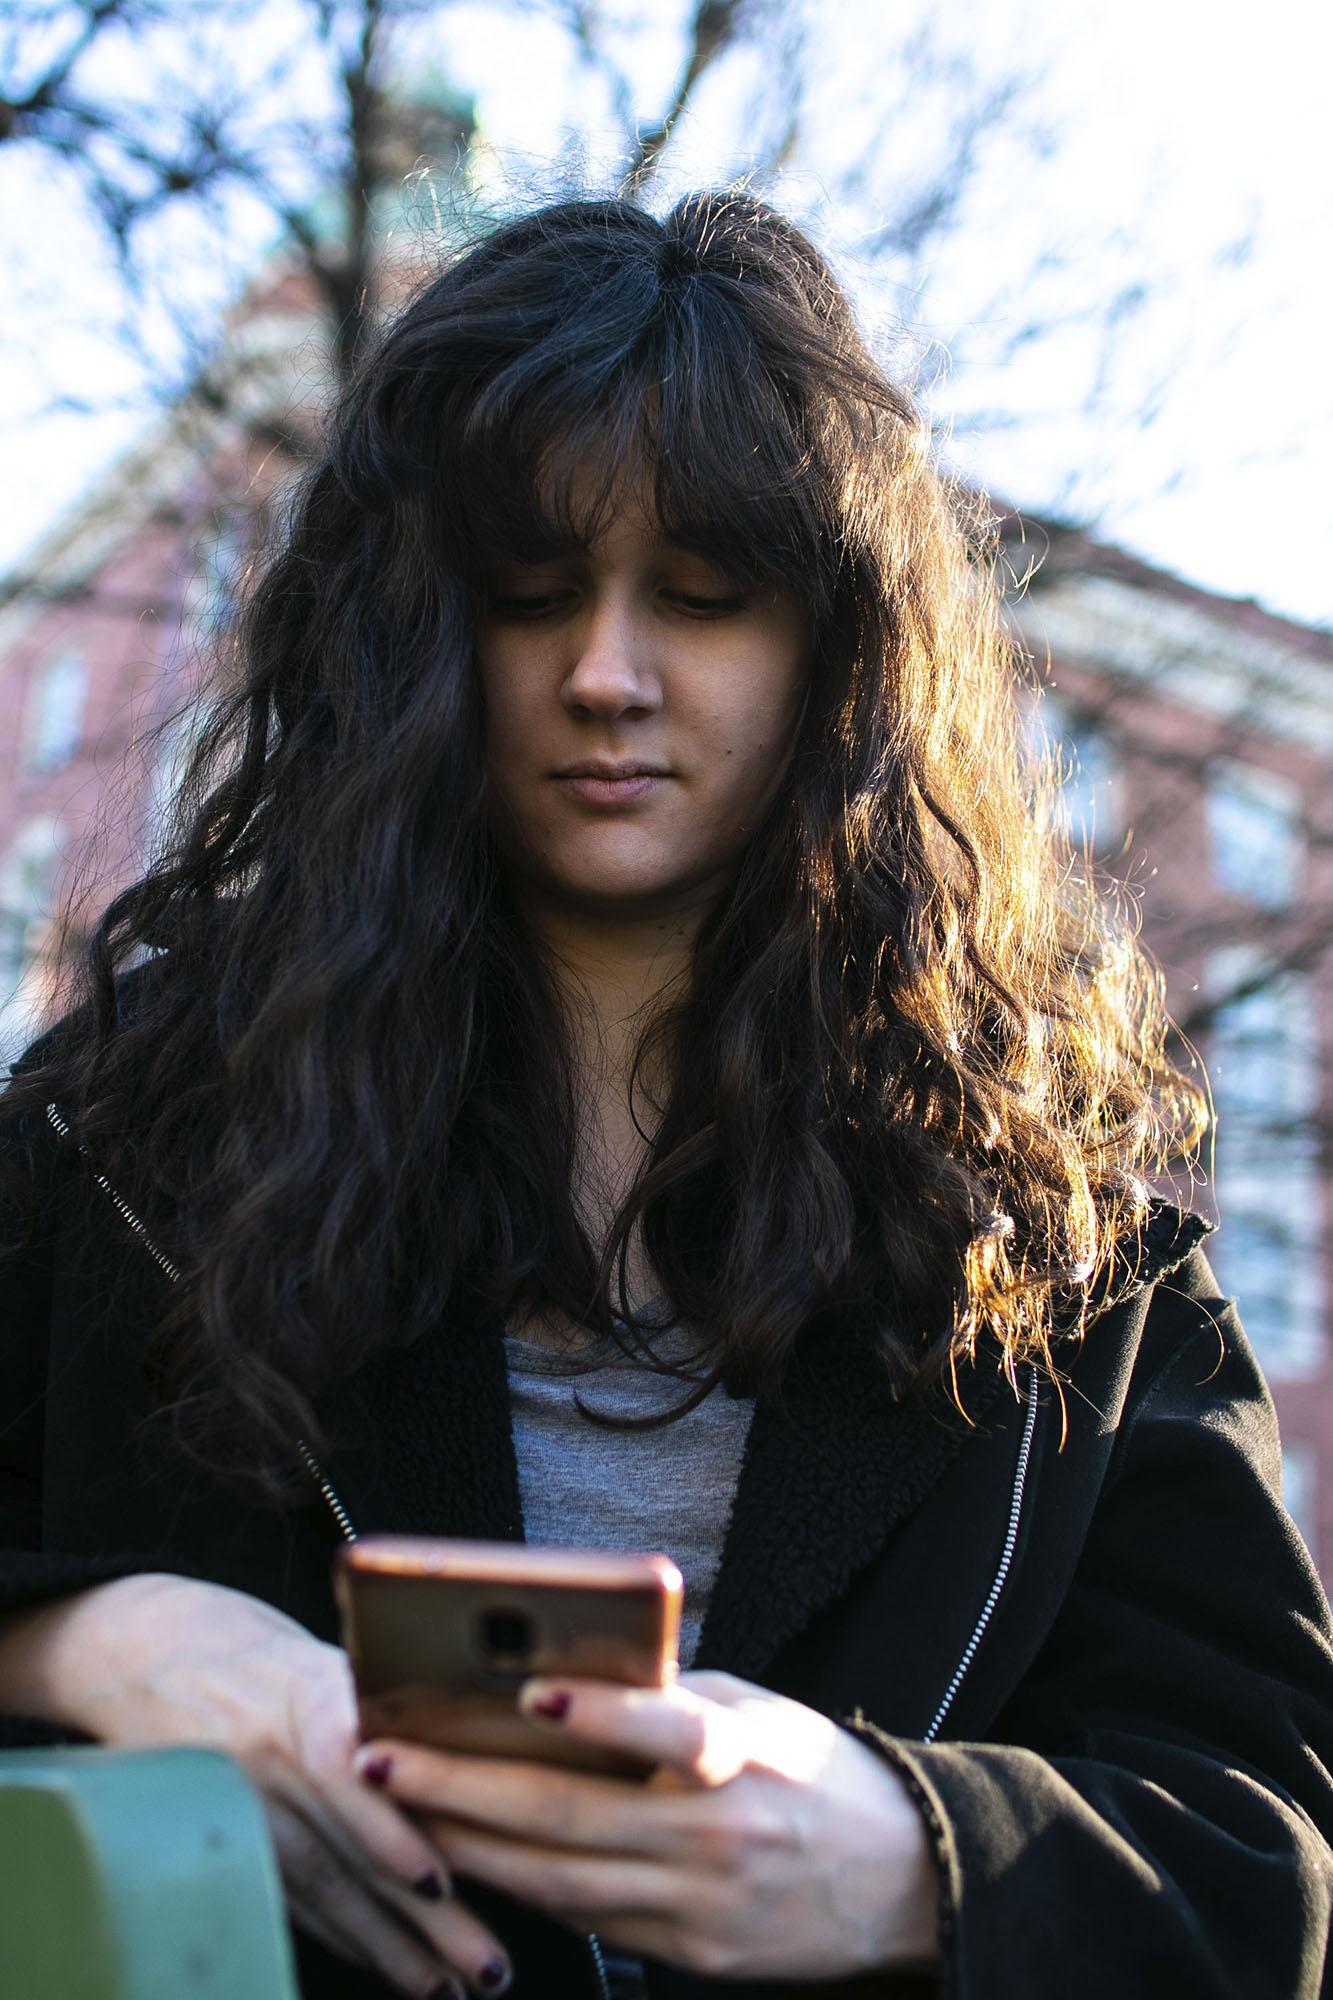 Nainen katsoo kännykkää.